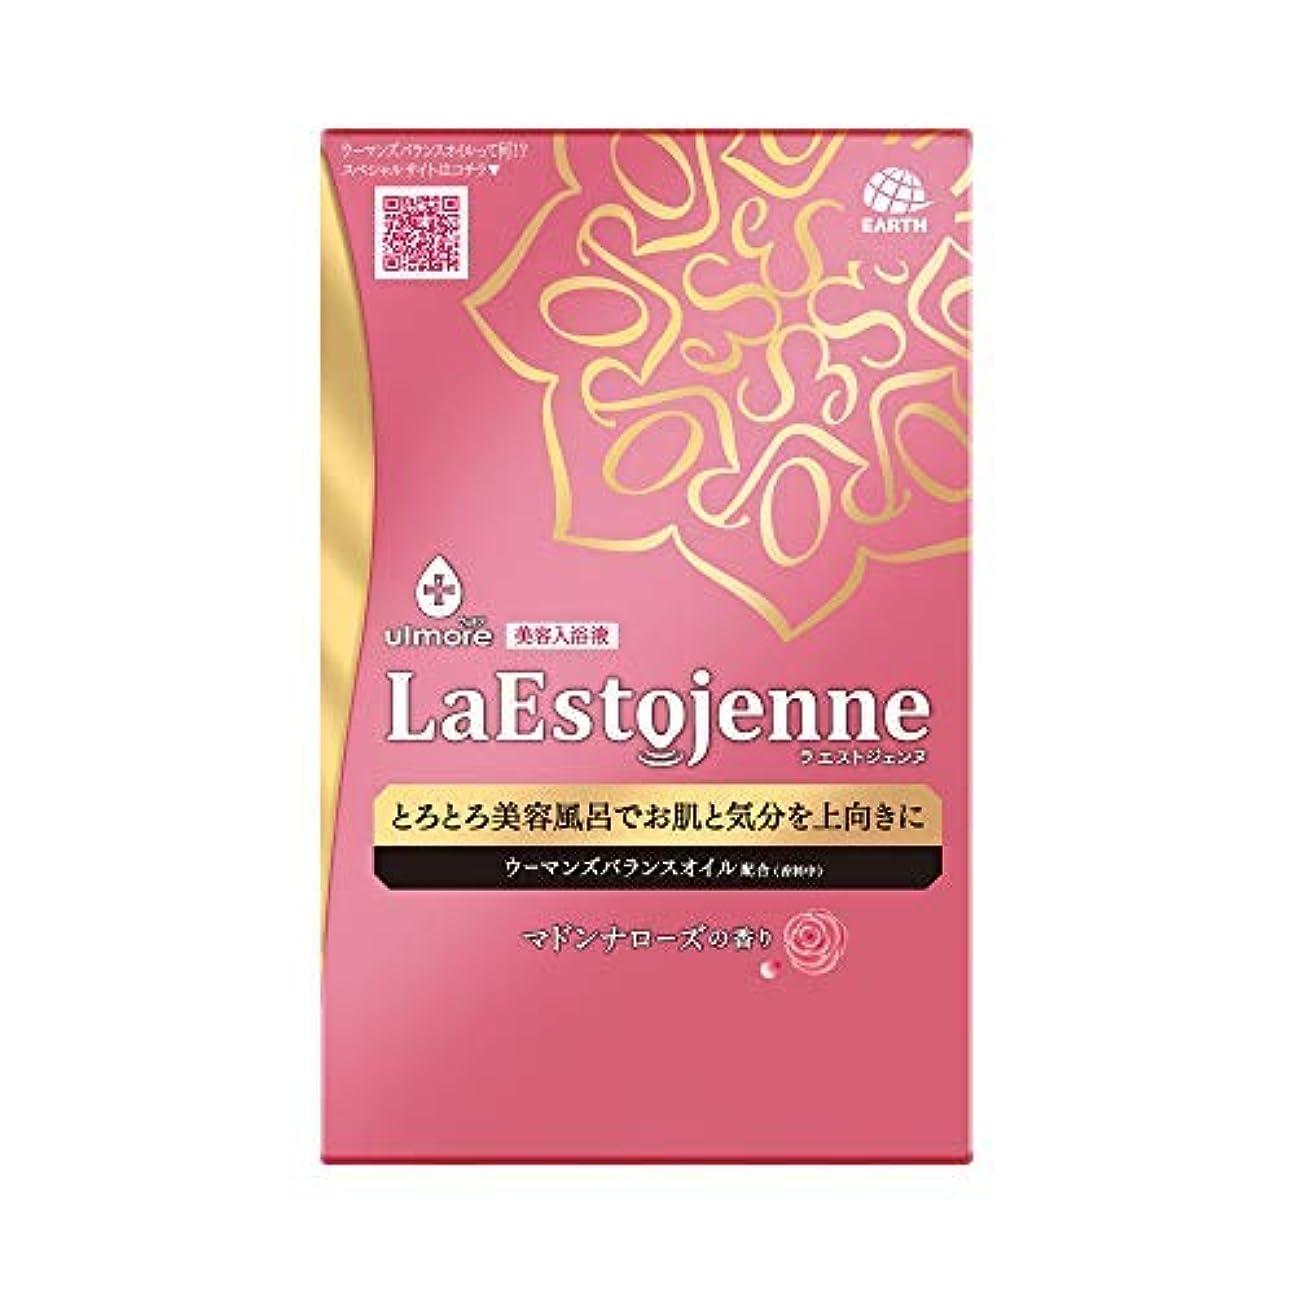 訪問クルー牧師ウルモア ラエストジェンヌ マドンナローズの香り 3包入り × 2個セット